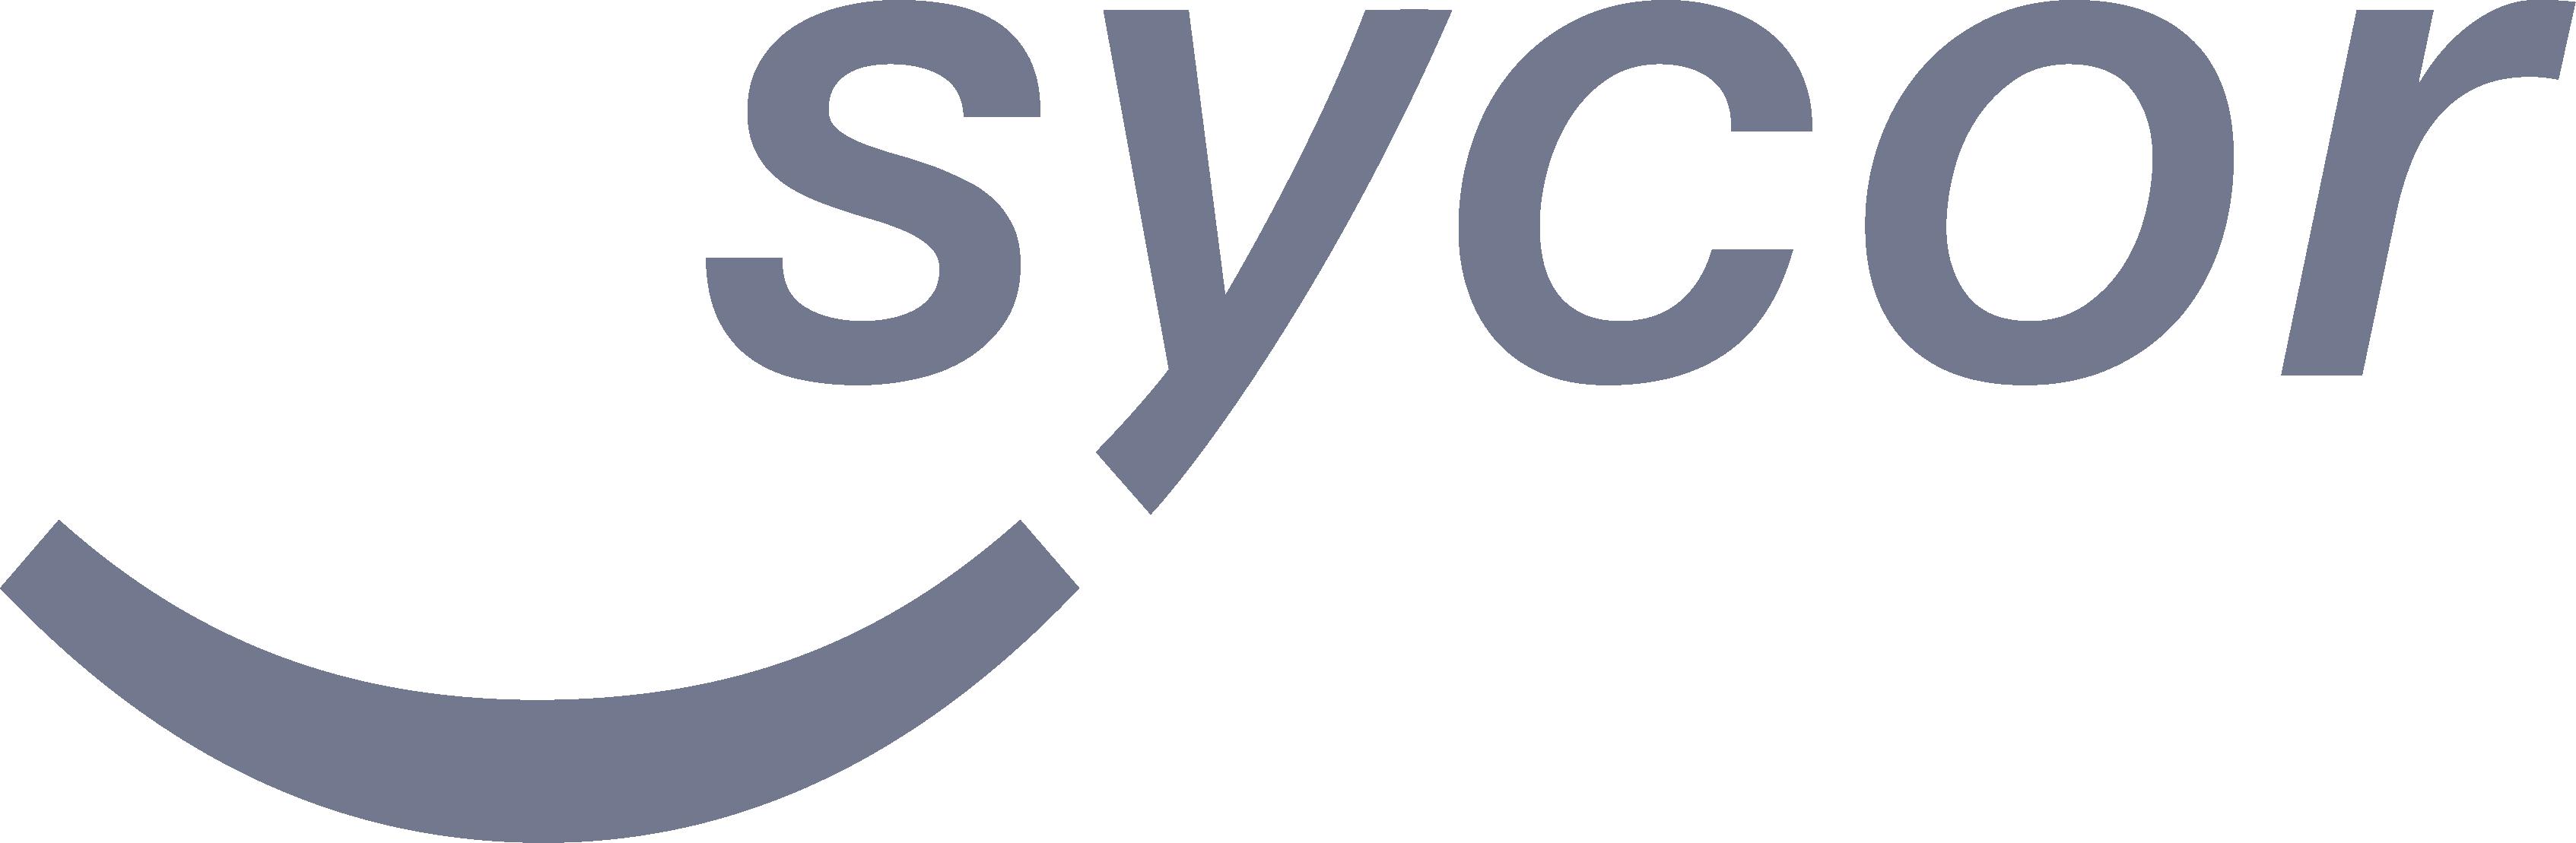 Sycor_all_gray2